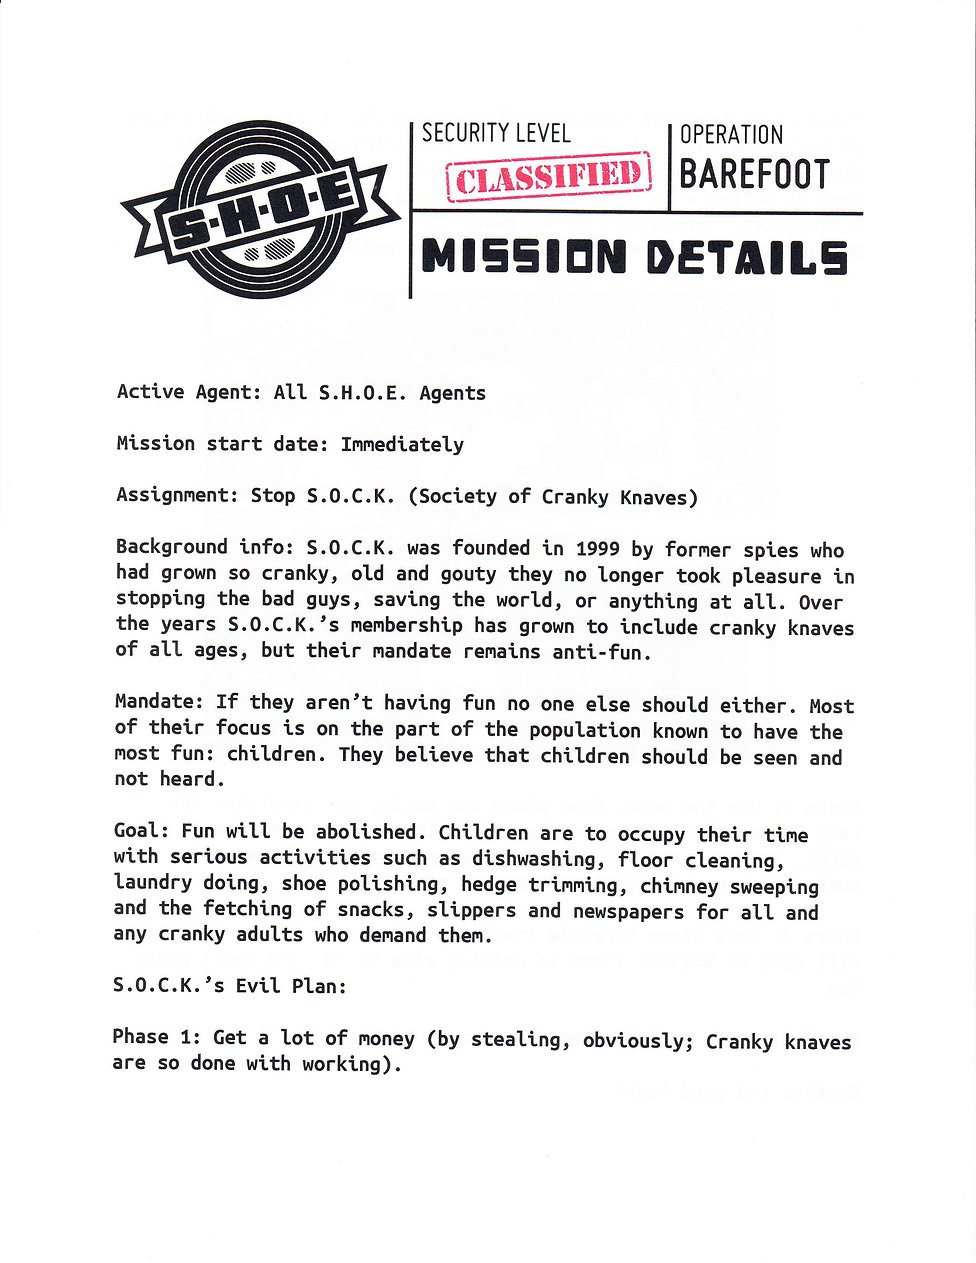 Mission Details 0001.jpg